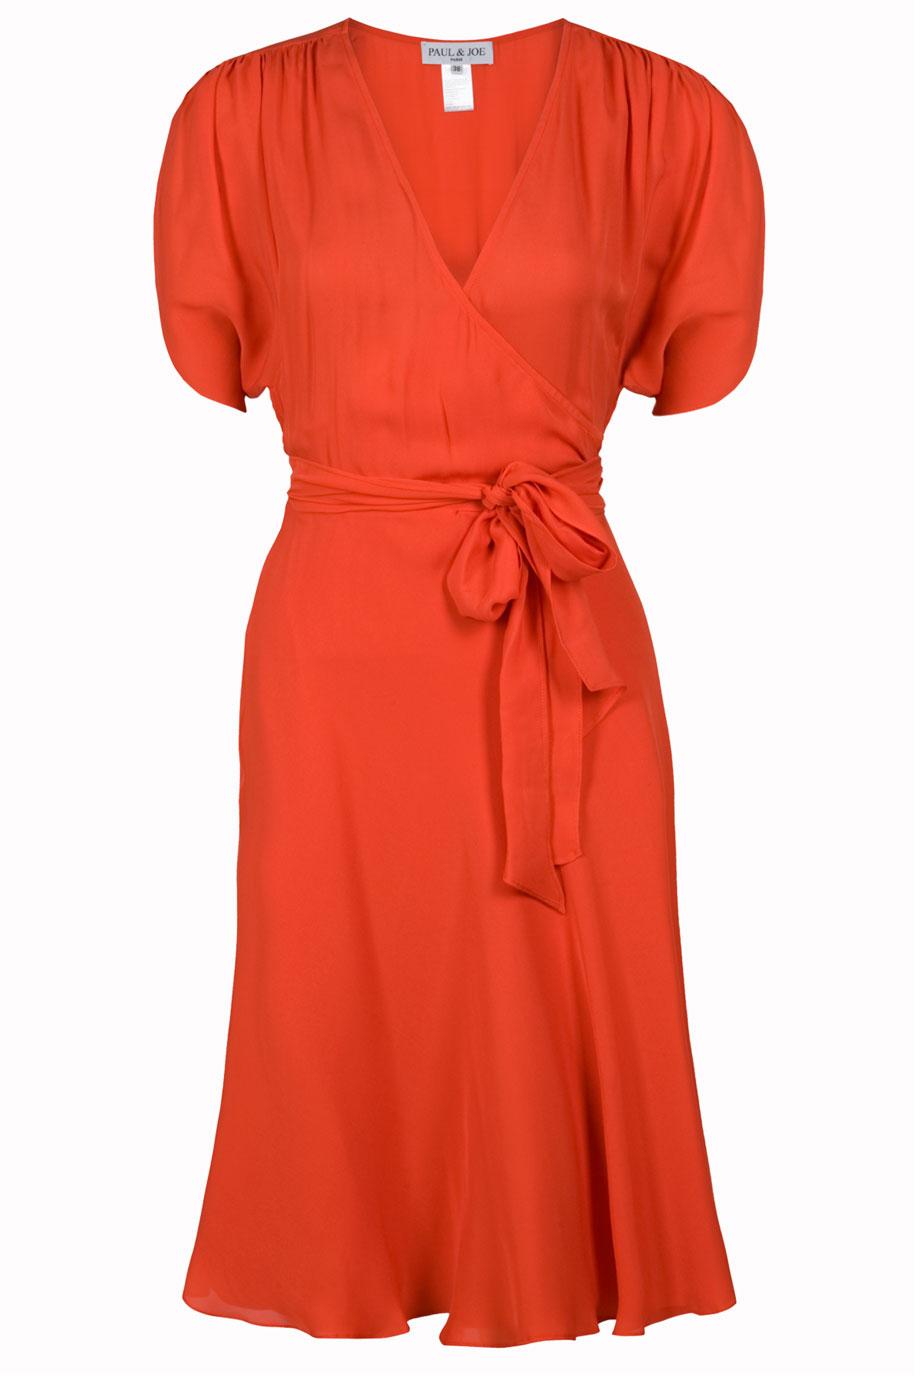 Paul Amp Joe Toffoli Wrap Dress In Orange Lyst